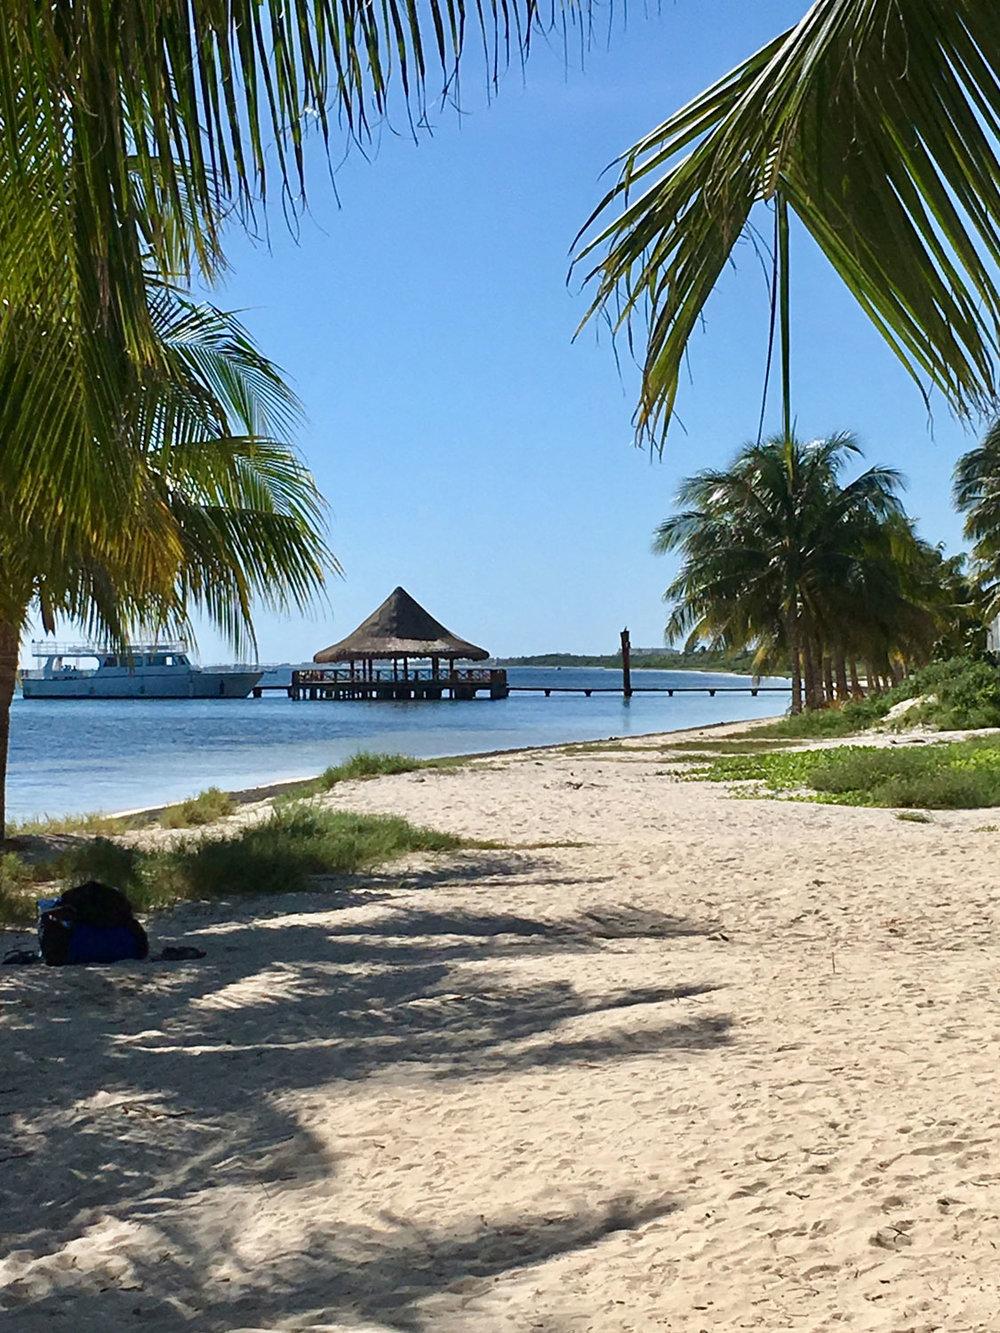 Hammocks_and_Ruins_Things_To_Do_Cancun_Explore_Riviera_Maya_Mexico_Cancun_Beaches_Coral_El_Mirador_II_9.jpg